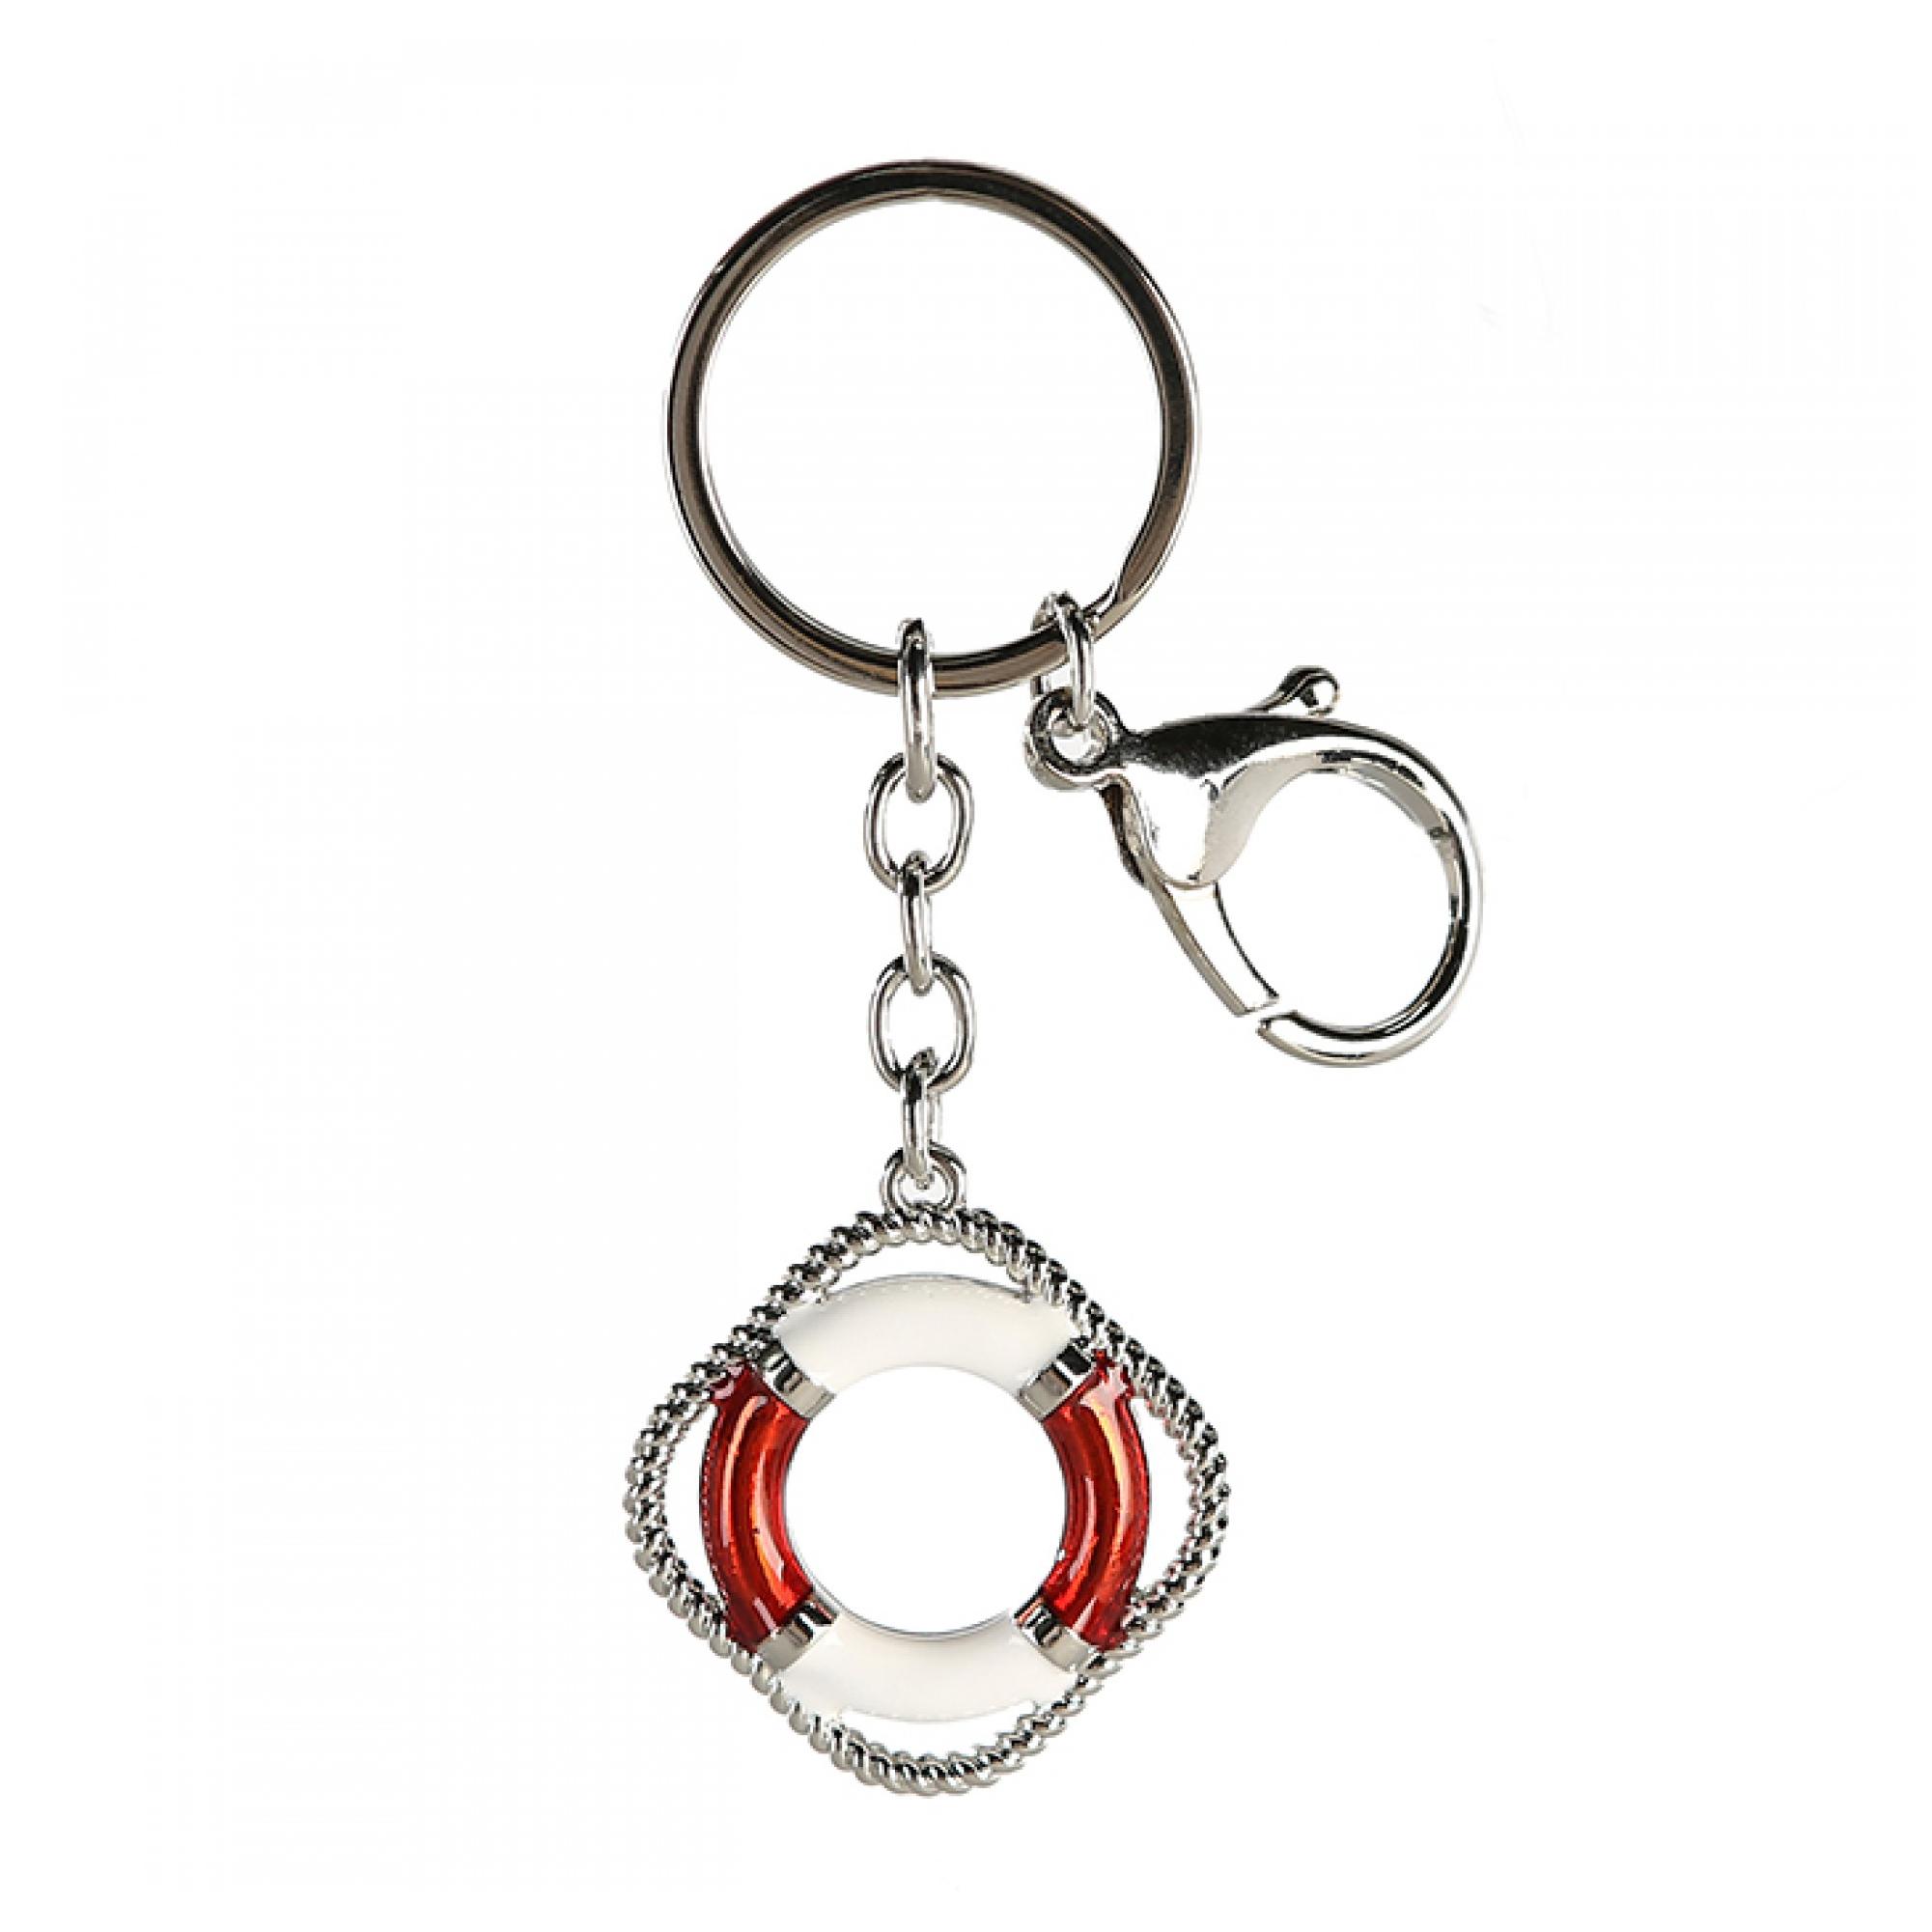 Přívěšek na klíče Záchranný kruh, 10 cm